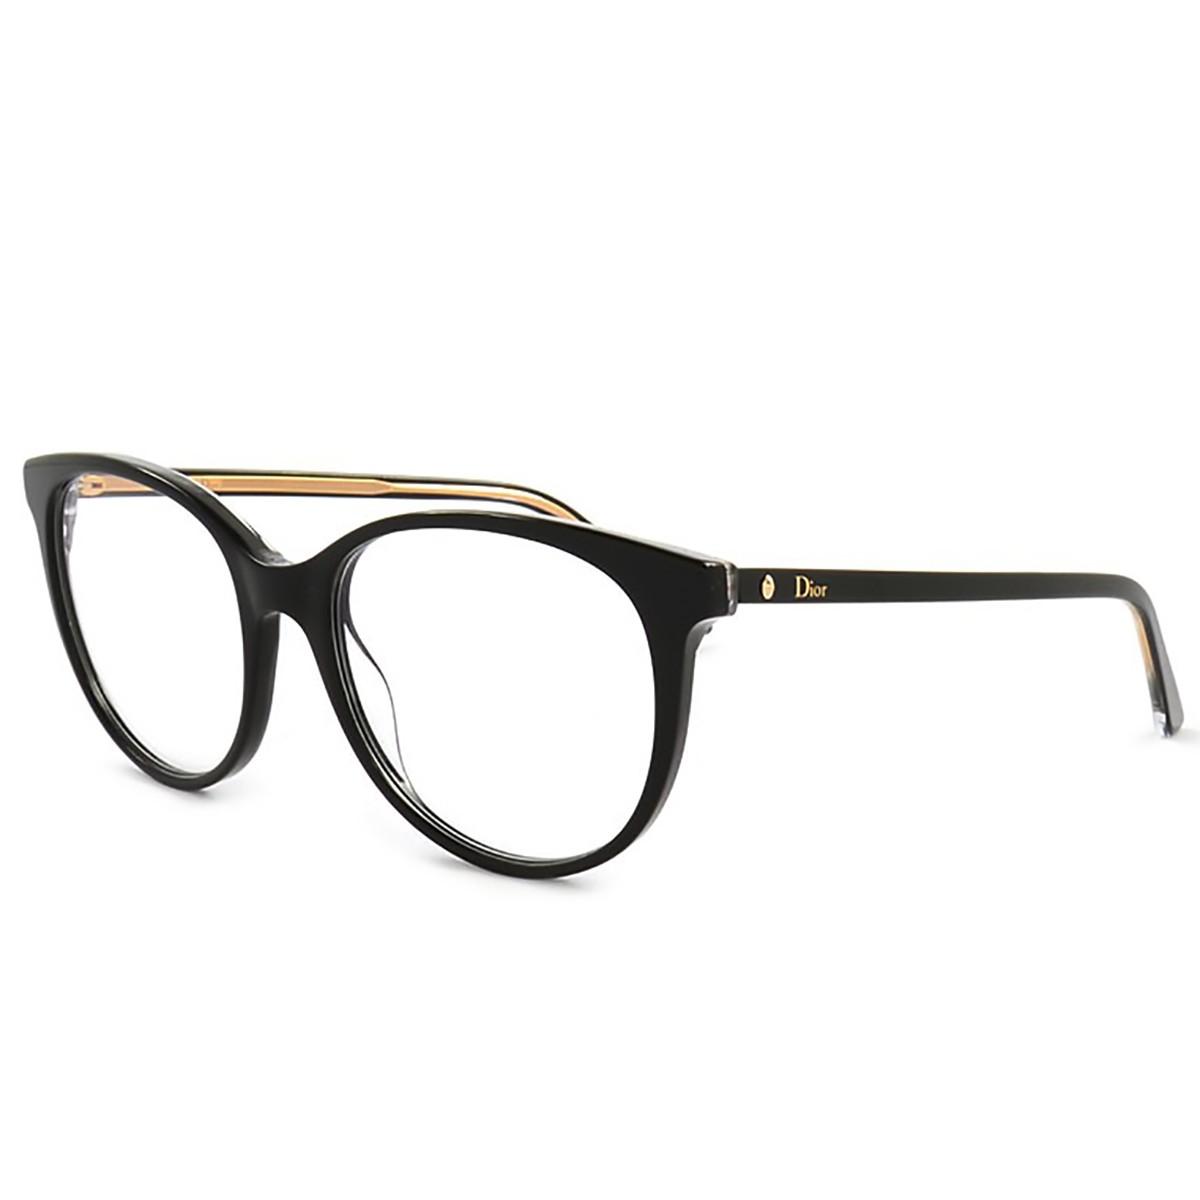 ec26b68a3877d Compre Óculos de Grau Dior Montaigne em 10X